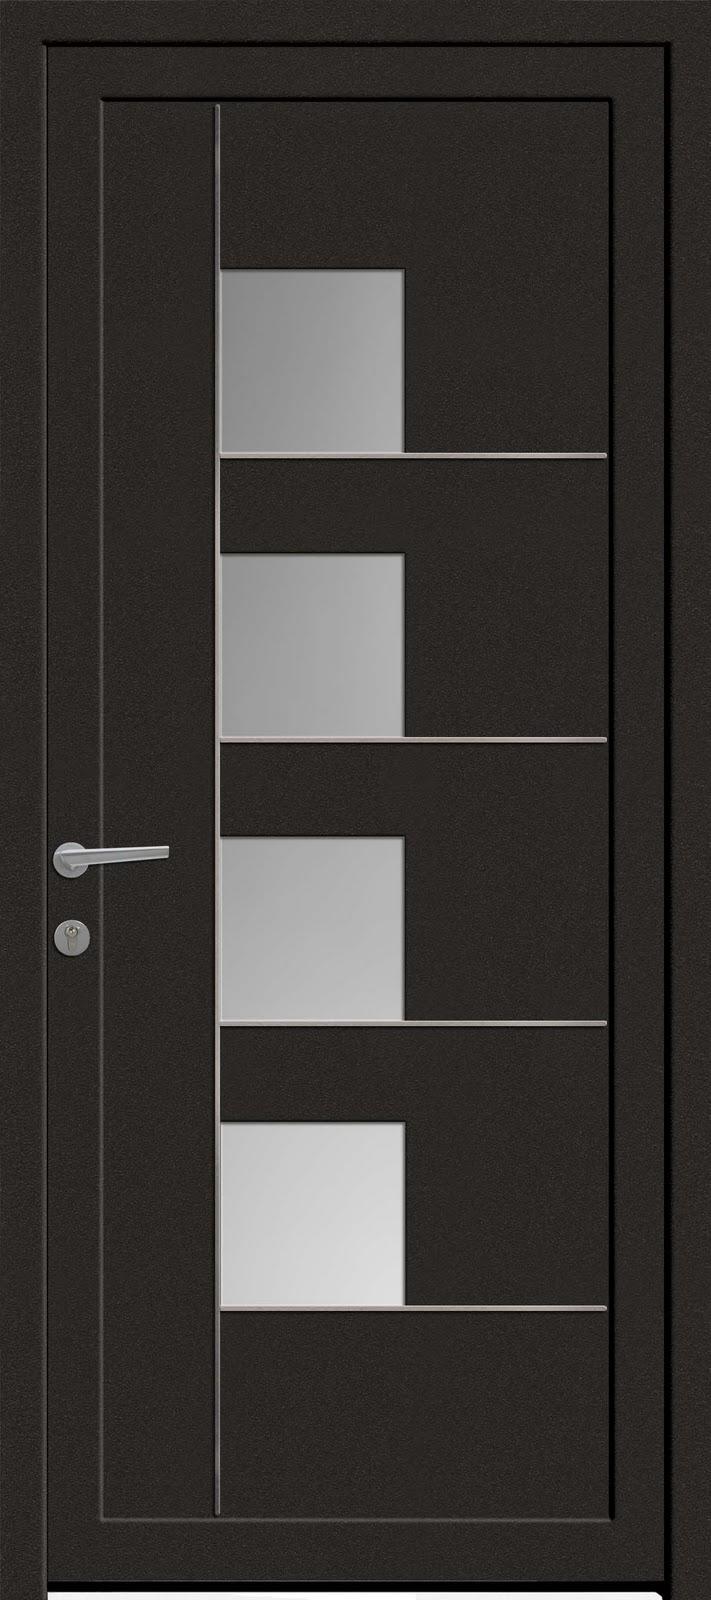 La fermeture parisienne nouvelle gamme de portes d 39 entr e for Isoler une porte d entree